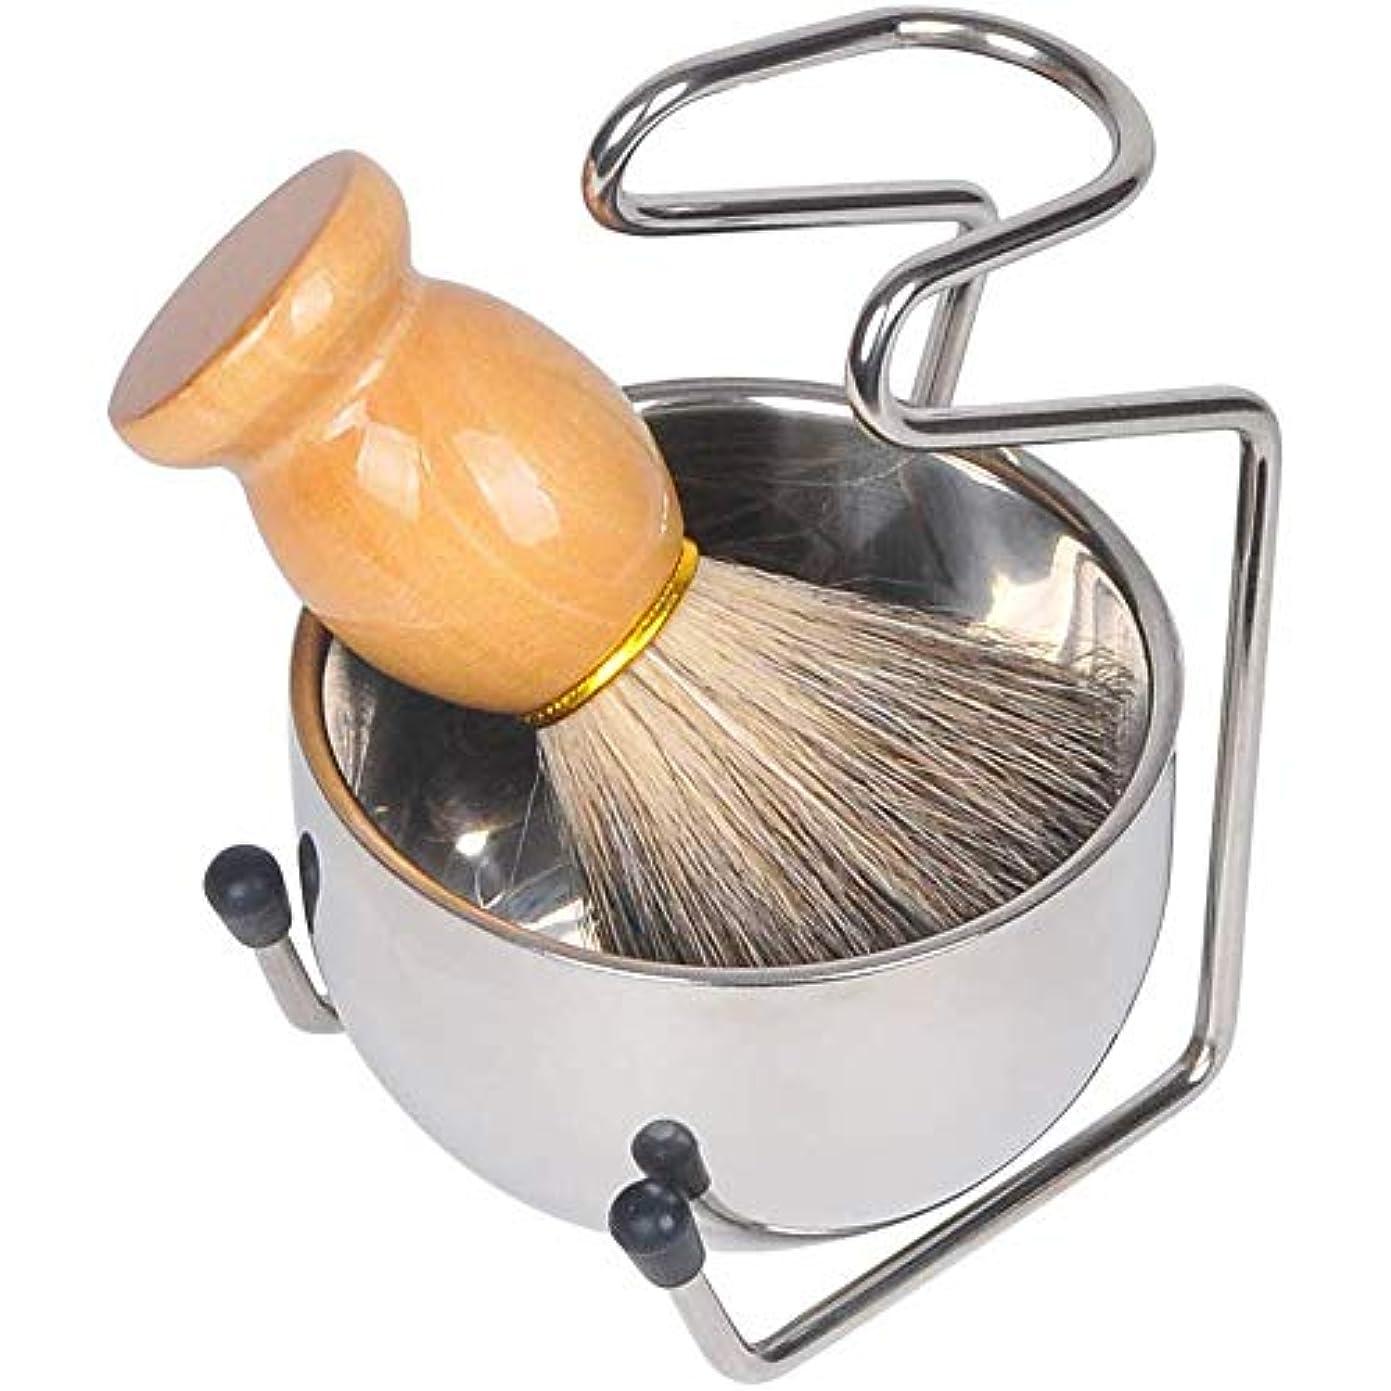 テレマコスインテリア理由3点セット ひげブラシ シェービング石鹸ボウルシェービングブラシセット洗顔ブラシ メンズ 理容 髭剃り 泡立ち毛